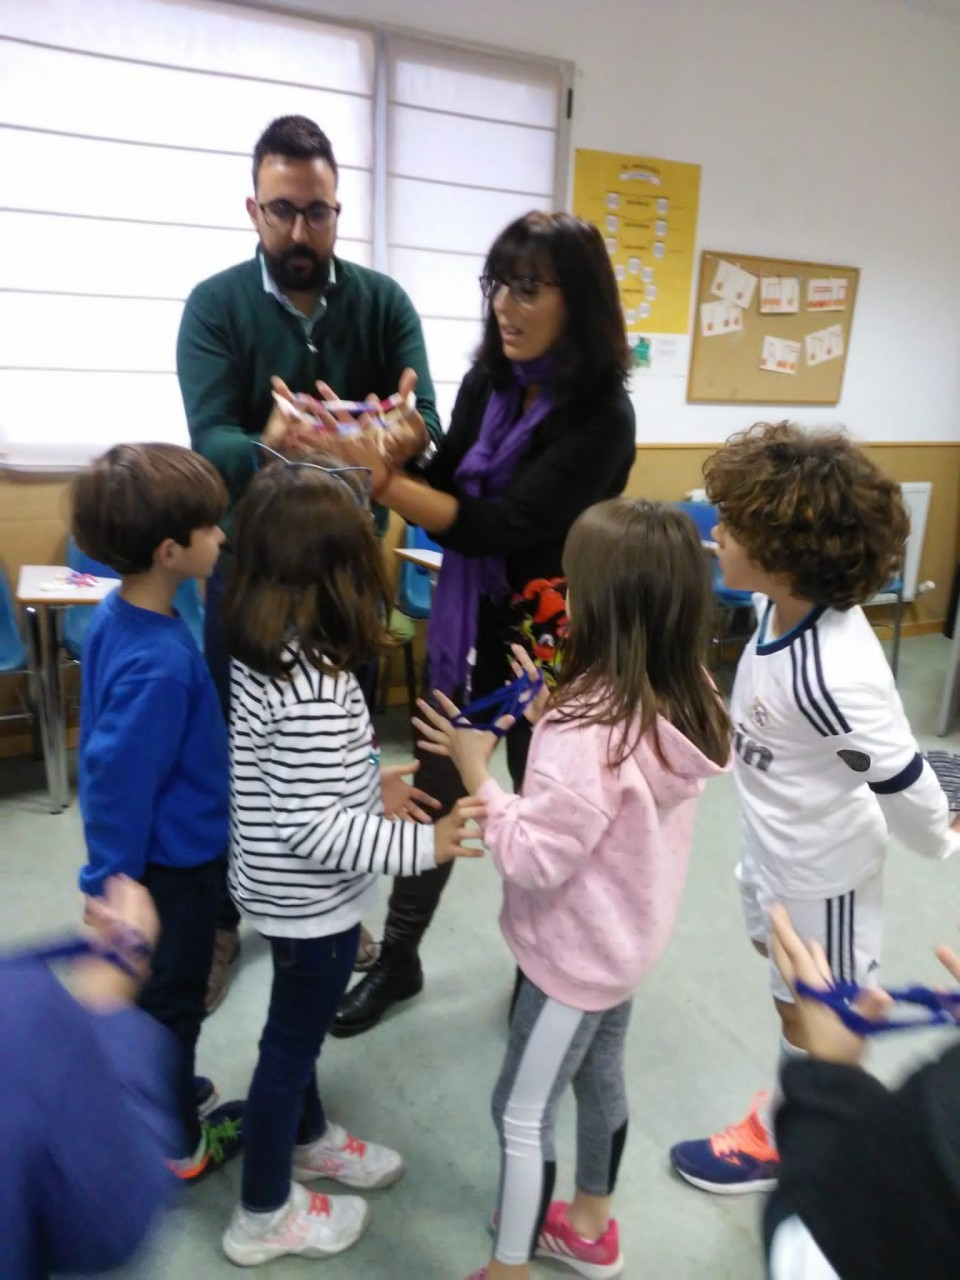 La Escuela de Música celebró Santa Cecilia con talleres y juegos